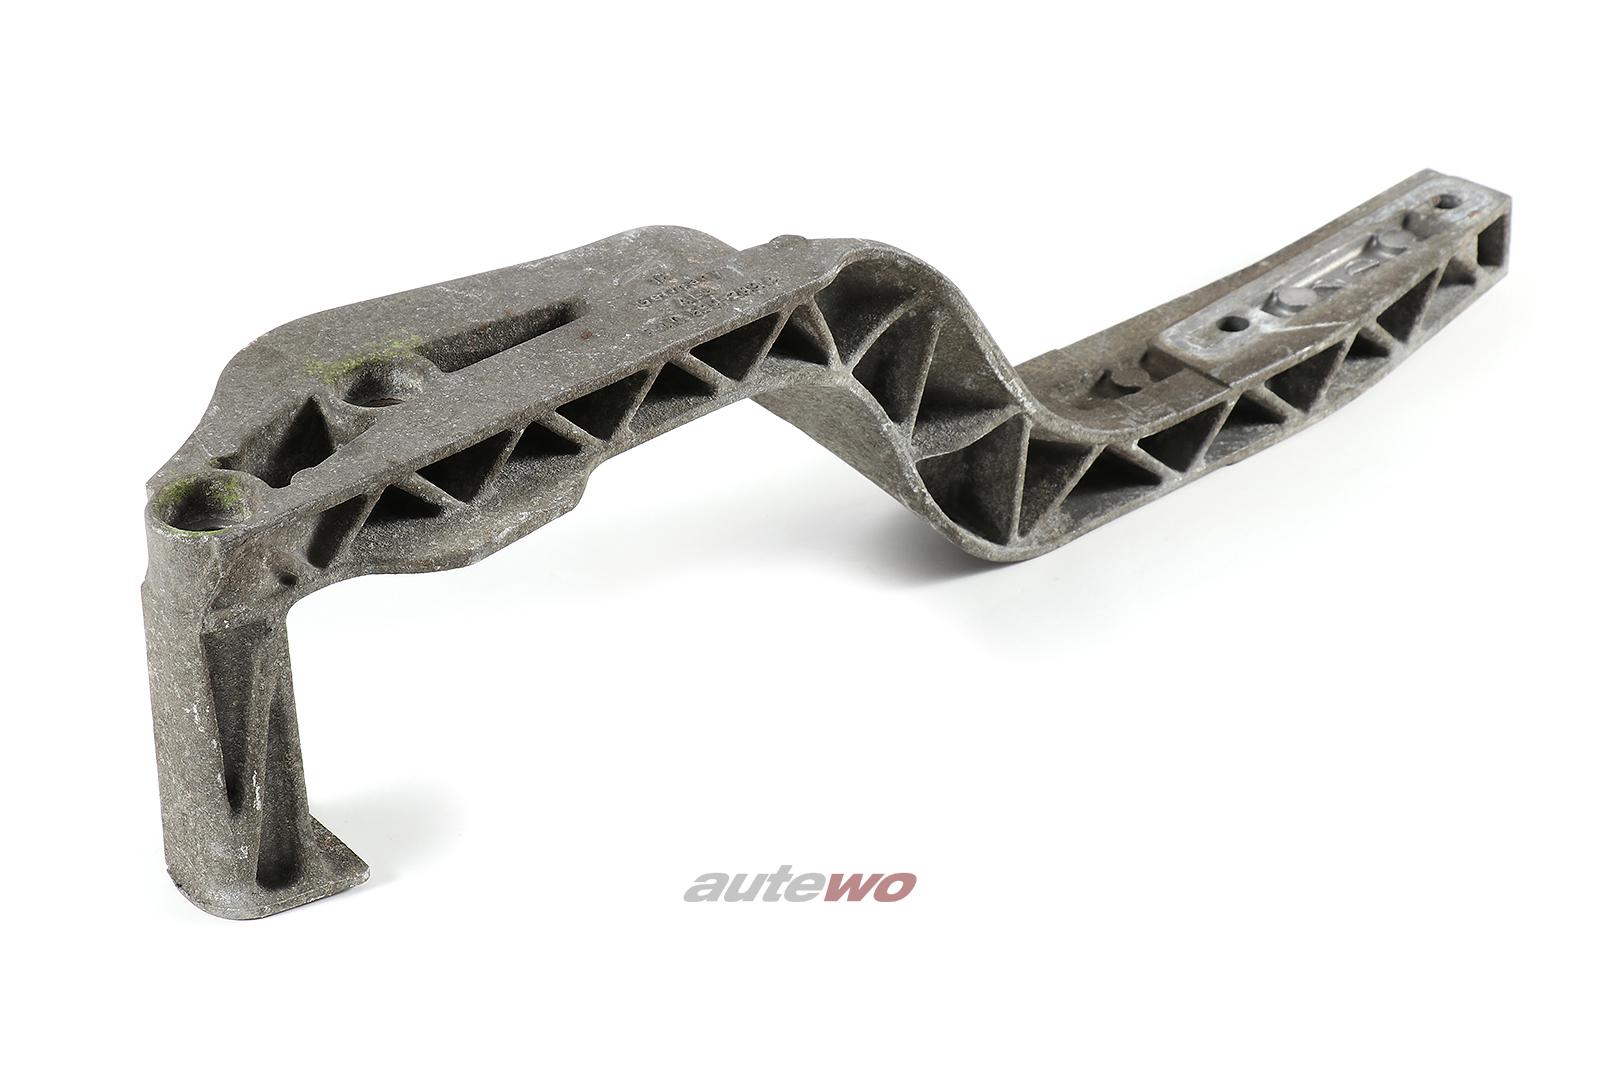 8A0599289A 8D0599289 Audi 80 B4/S2/RS2/A4/S4/B5 Querträger/Stütze Differential